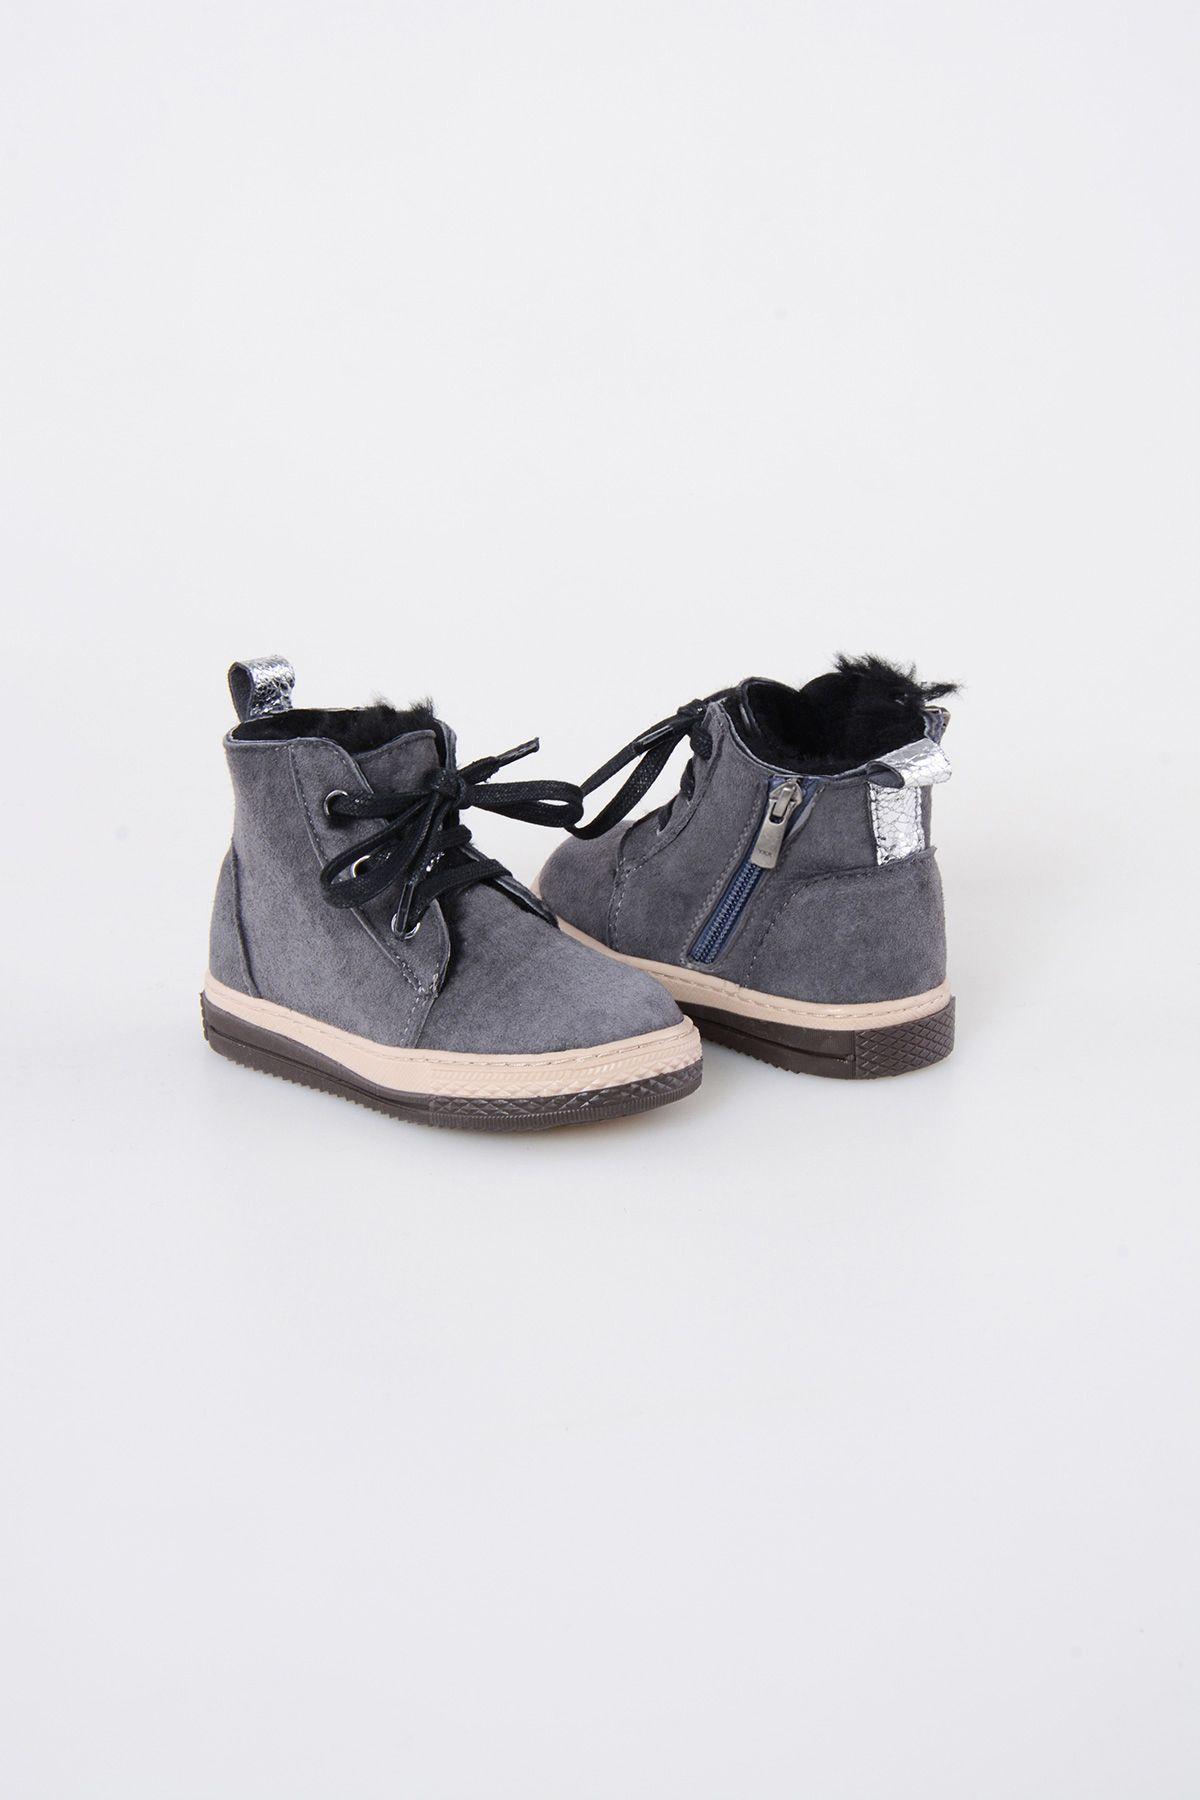 Pegia Детские Ботинки Из Натуральной Замши Овечьего Меха 186001 Серый